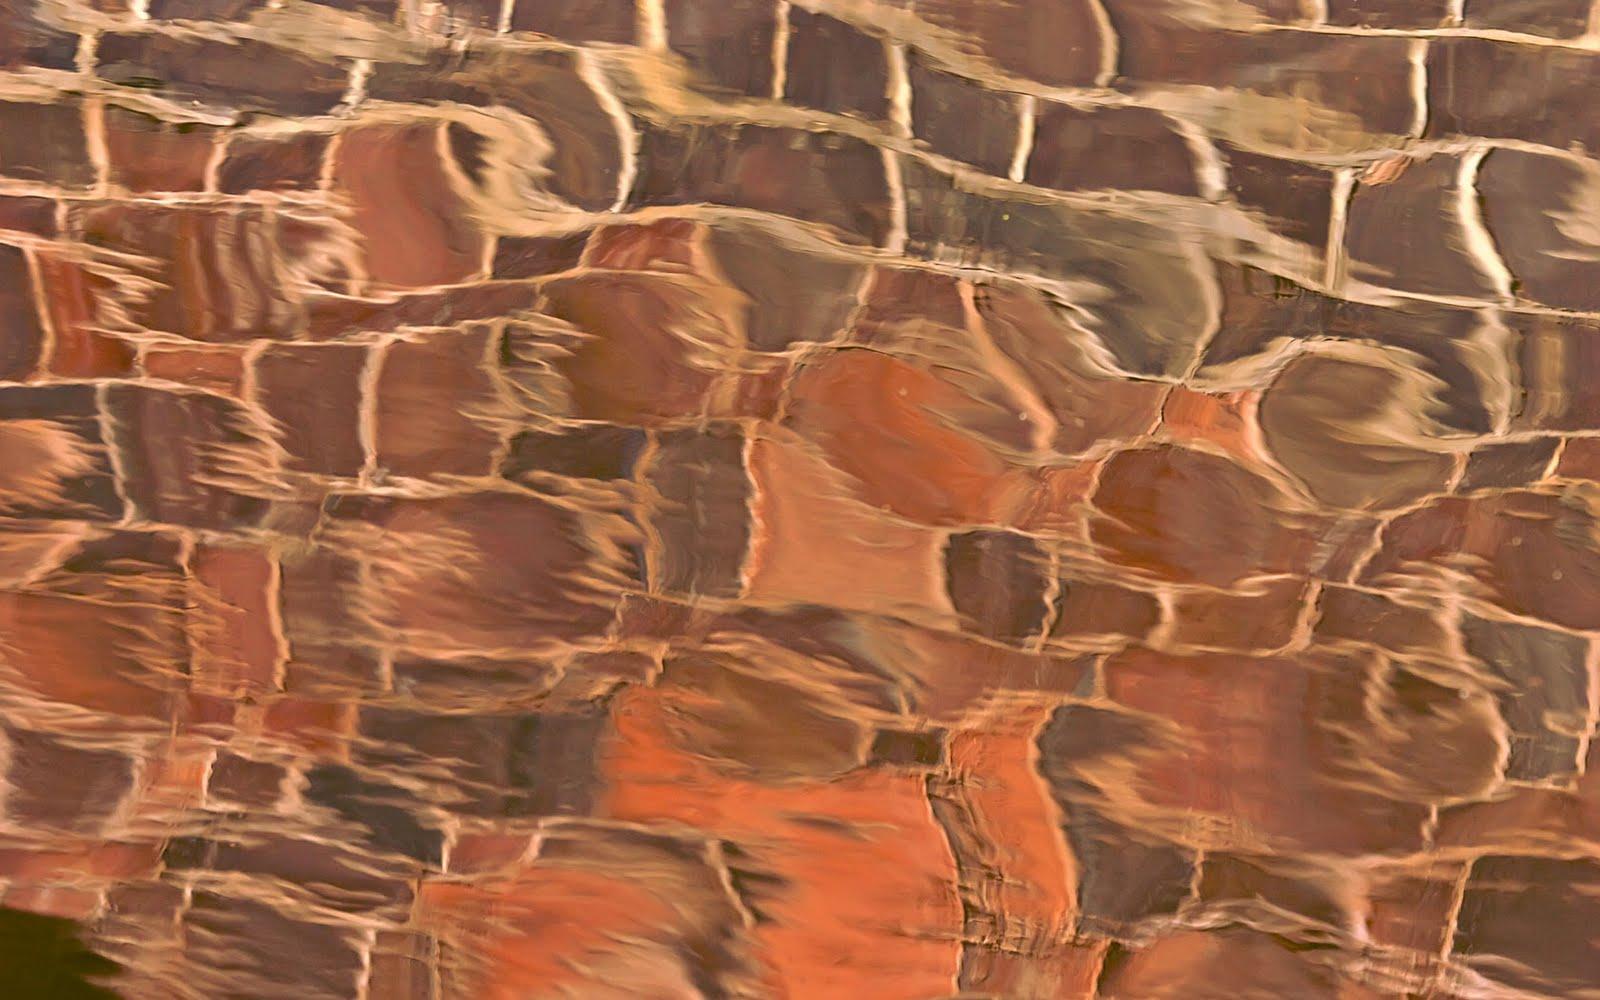 http://1.bp.blogspot.com/-CJT3owwDnHQ/TscZGdC6-NI/AAAAAAAAAlU/QVlYfmQ_sPM/s1600/brick-wallpaper-hd-4-737161.jpg